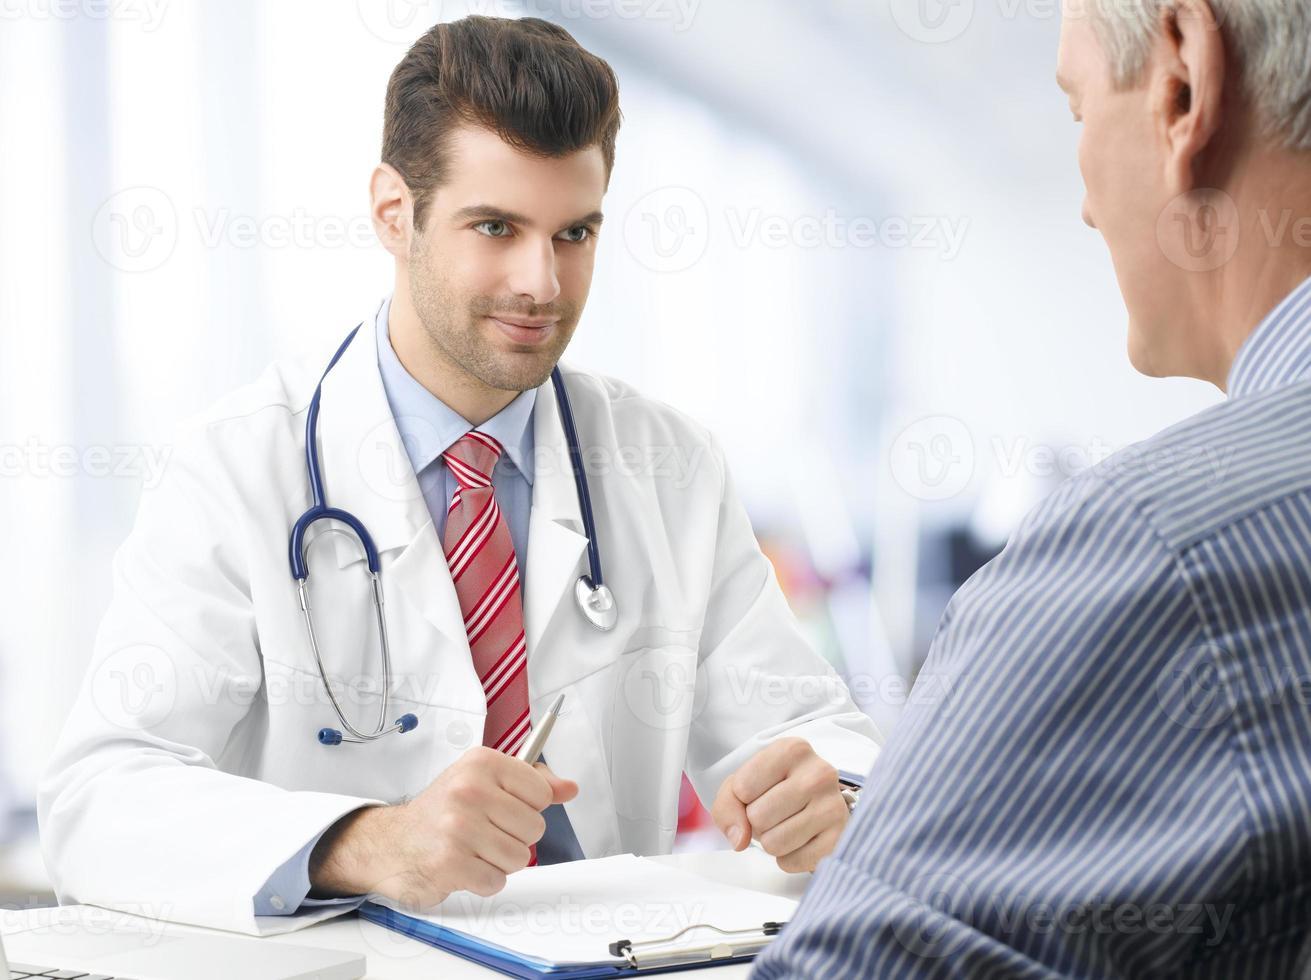 médecin de sexe masculin photo